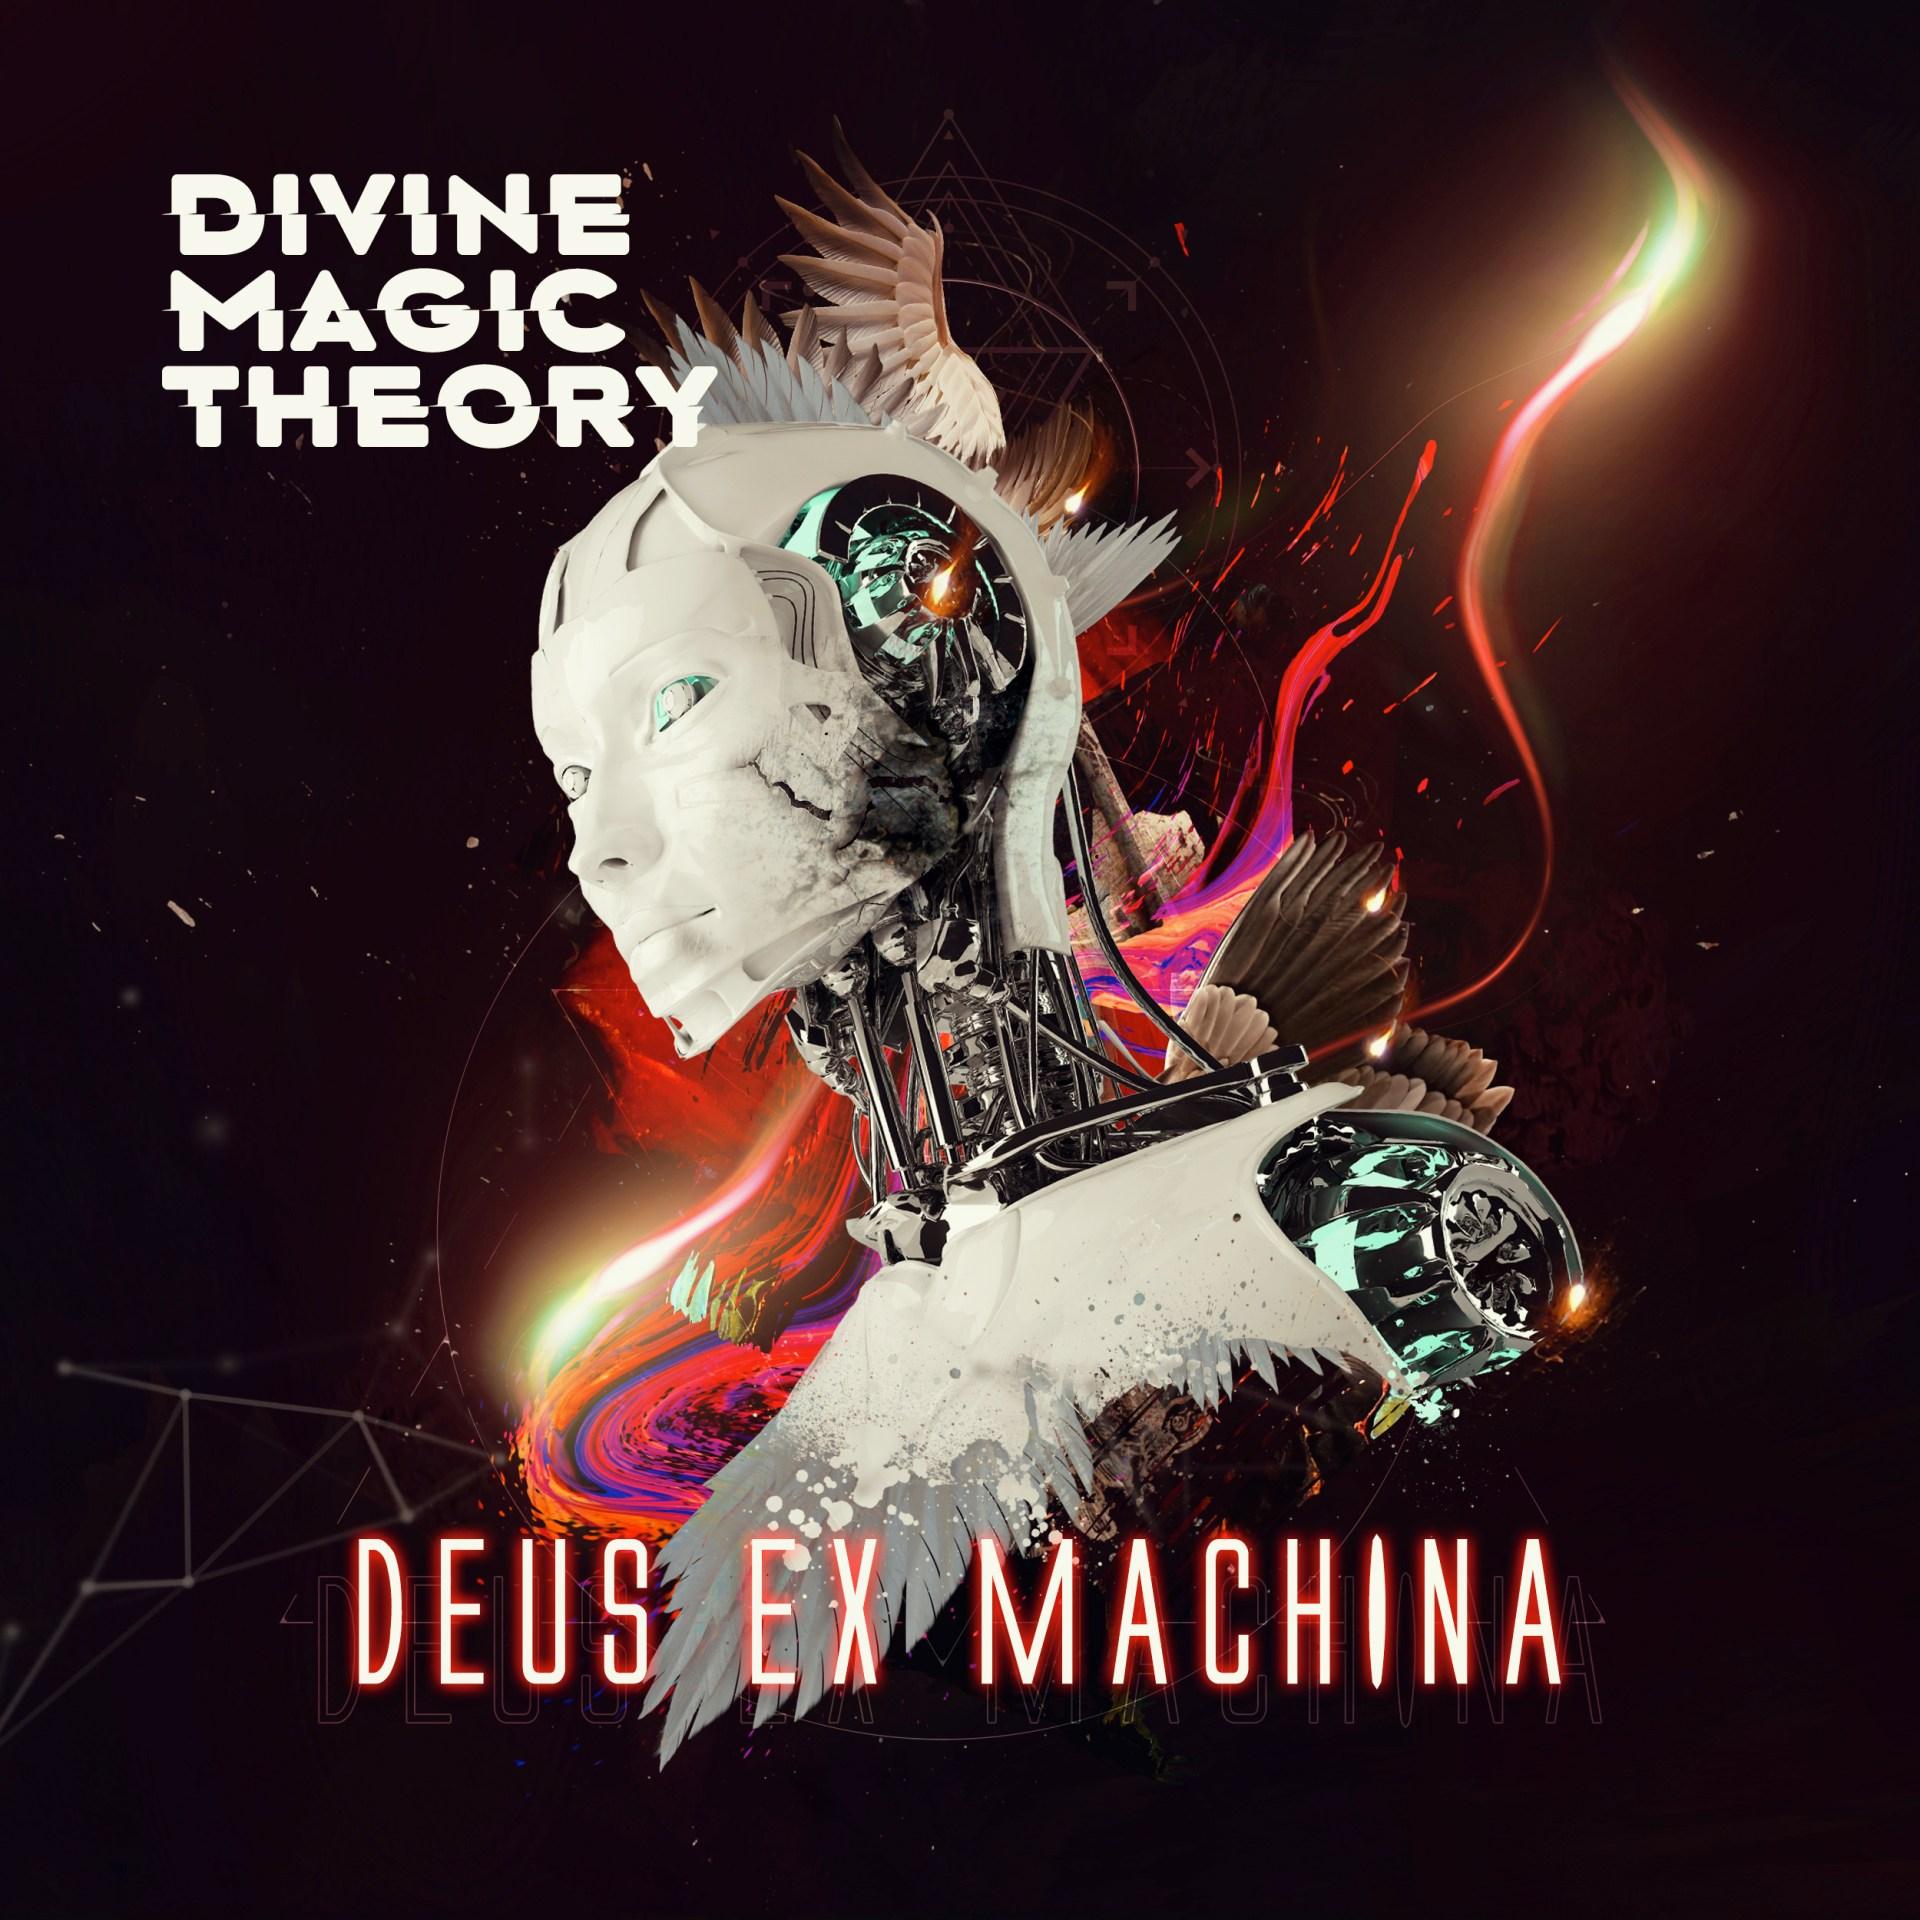 Divine Magic Theory Deus Ex Machina Album Art Cover